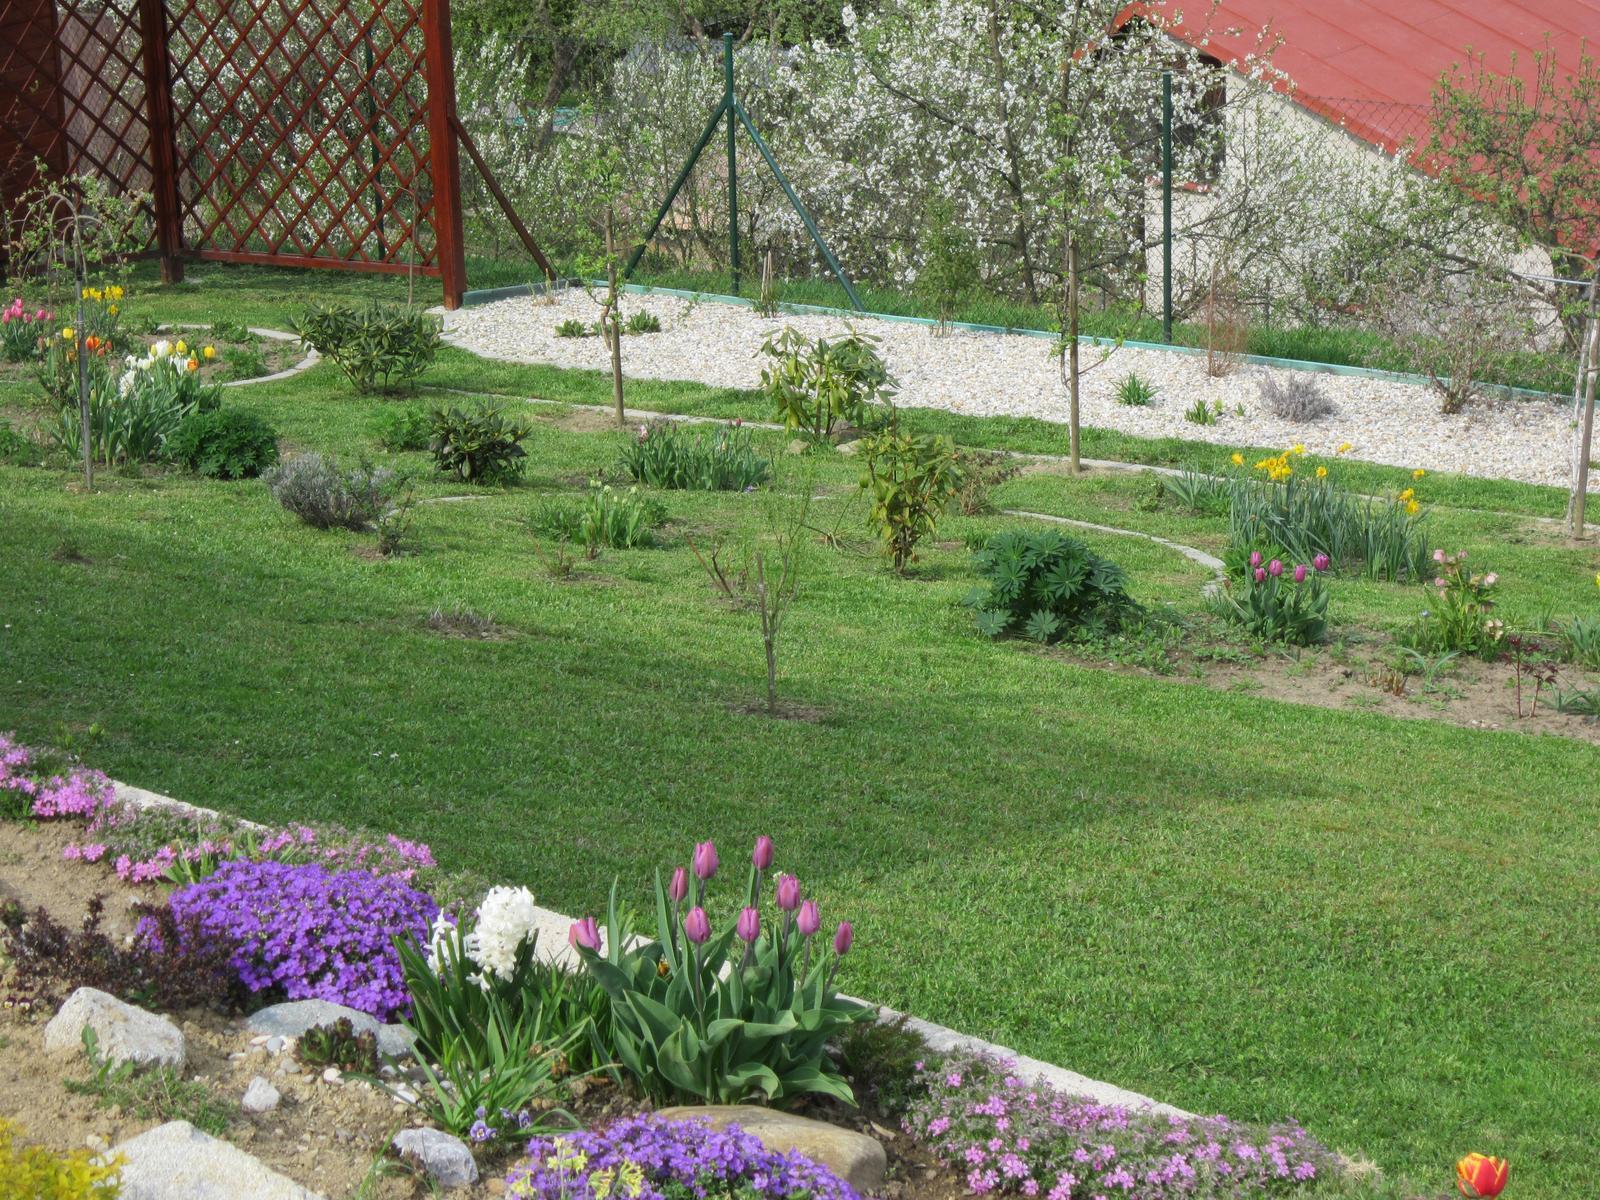 Moja záhrada...ako šiel čas - Obrázok č. 29